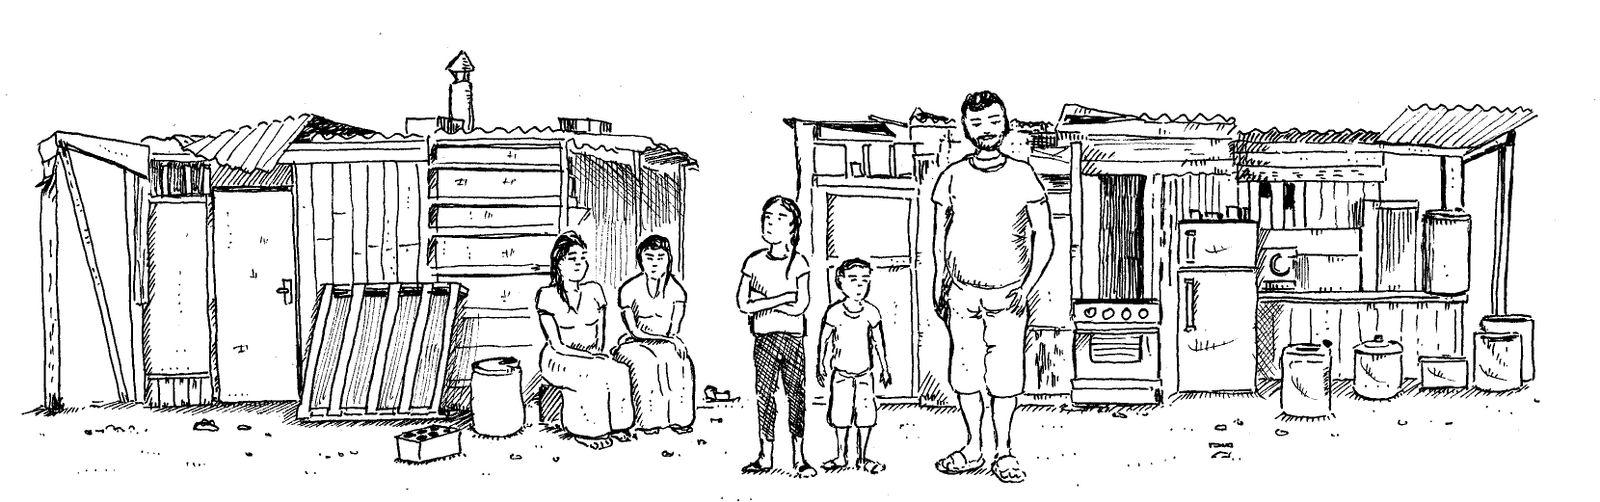 Instruction du 25 janvier 2018 sur la résorption des bidonvilles : où en est-on 3 ans après ?